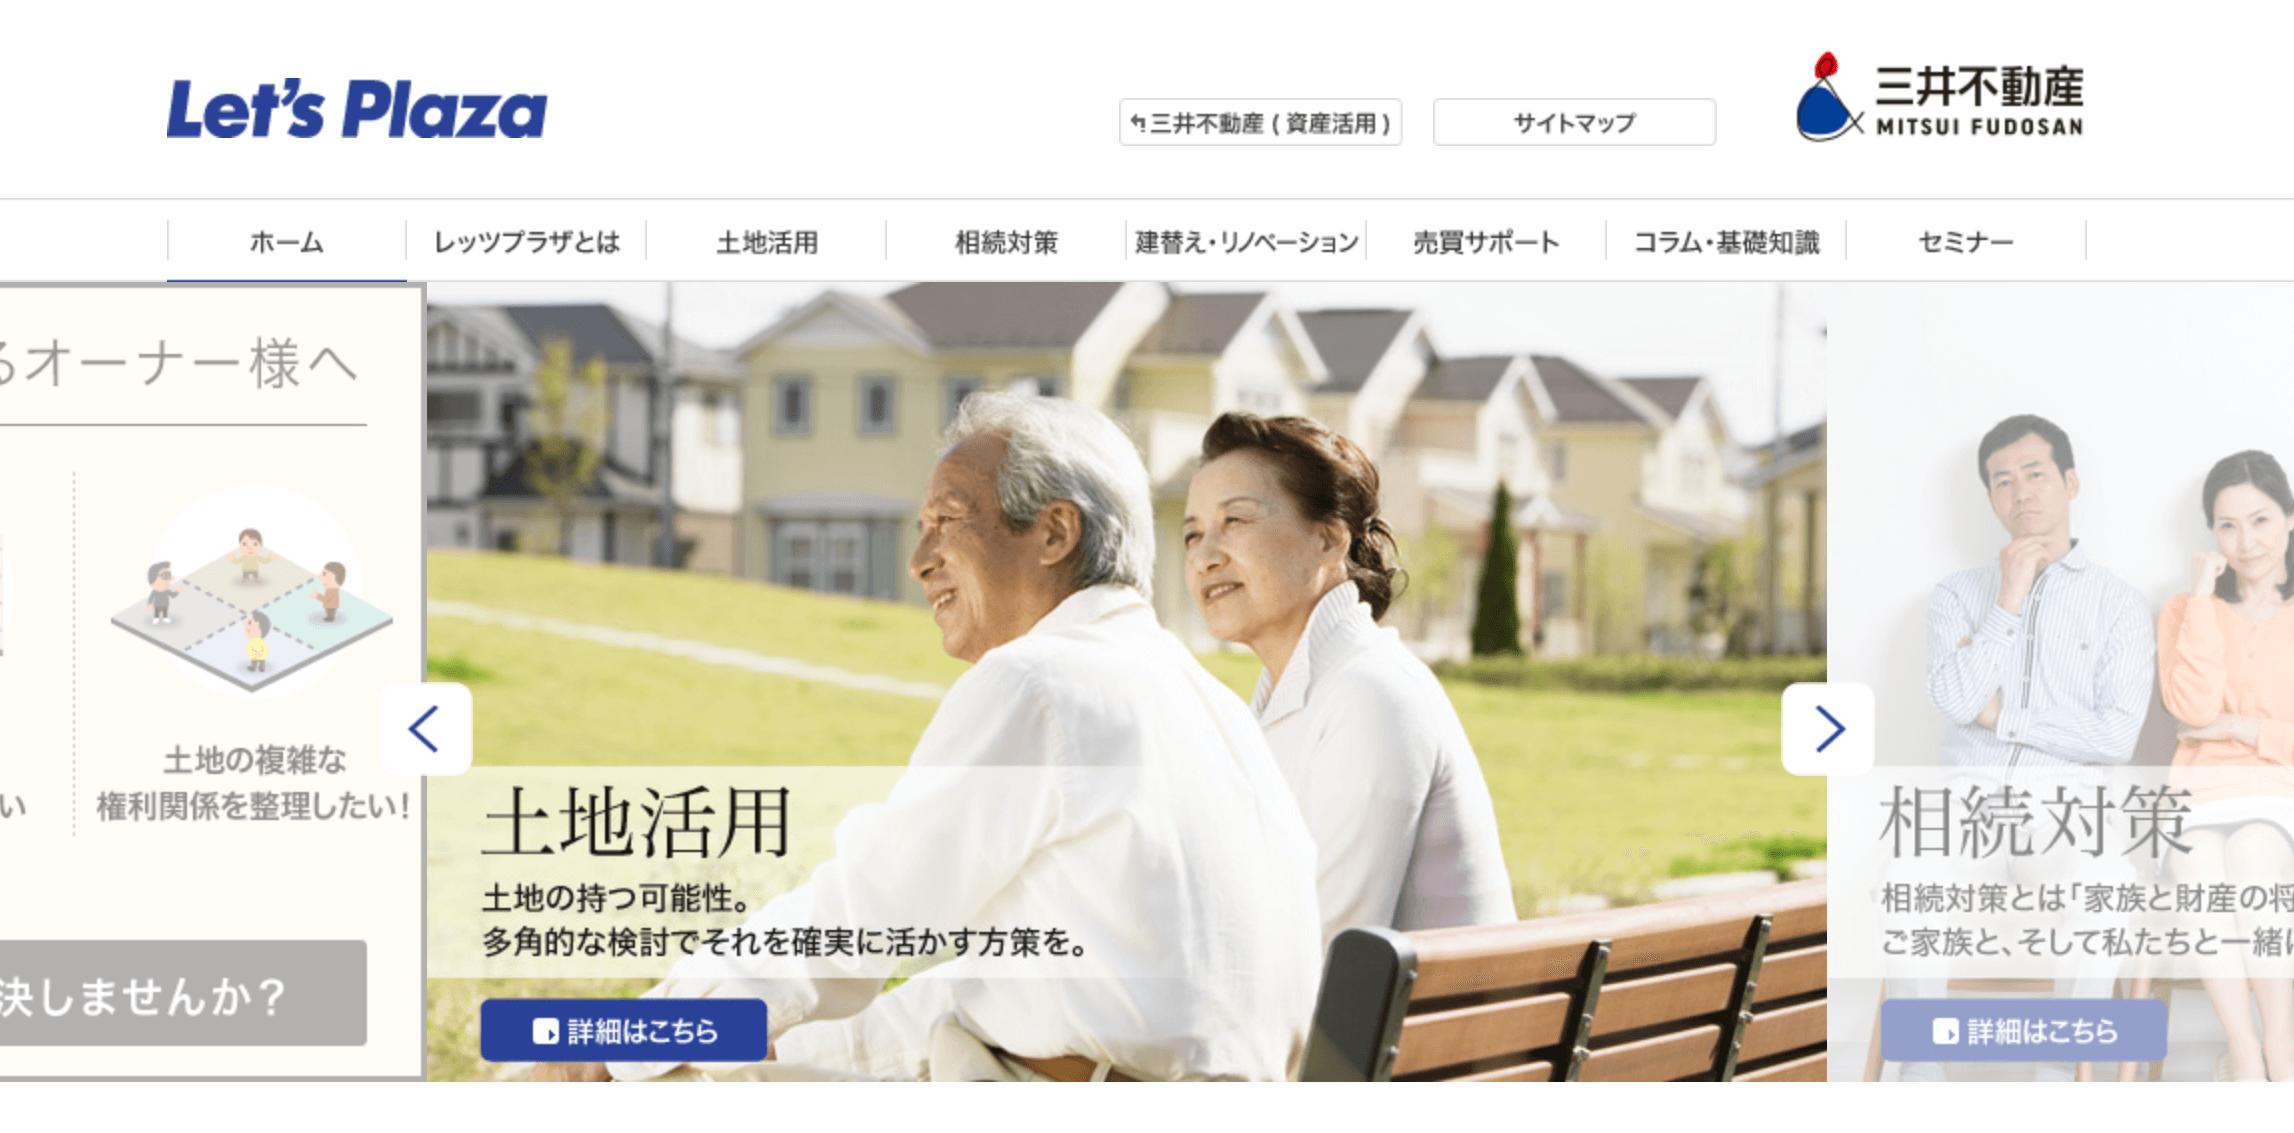 三井不動産株式会社の公式ページ